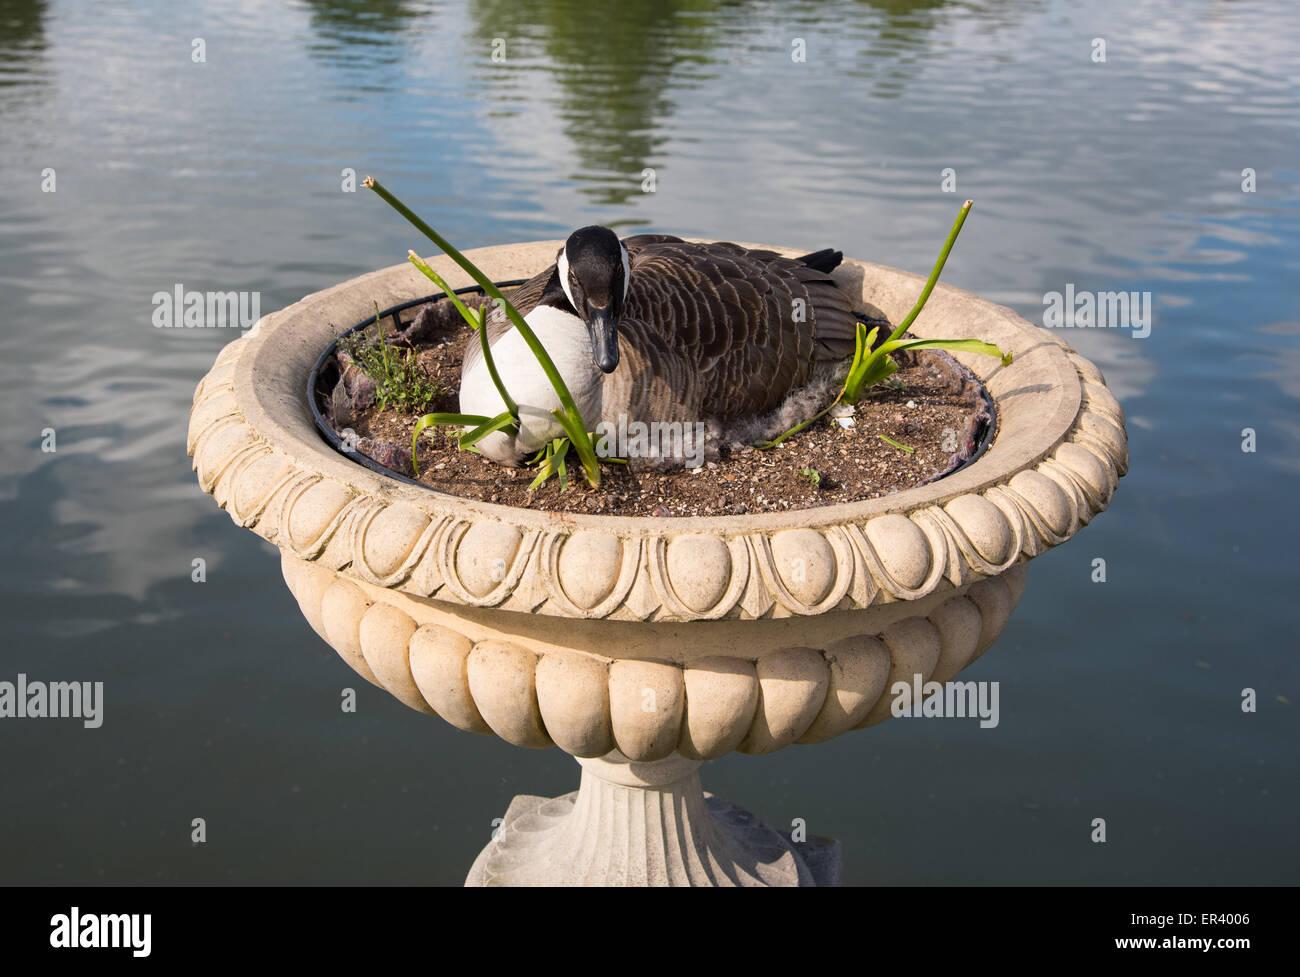 Londres, Reino Unido. El 26 de mayo de 2015. Los gansos de Canadá que habitualmente anidan en el suelo cerca del agua. Éste, sin embargo, ha optado por una posición más elevada en una sembradora, cerca de la puerta de Victoria en Kew. Crédito: Paul Martin/Alamy Live News Foto de stock